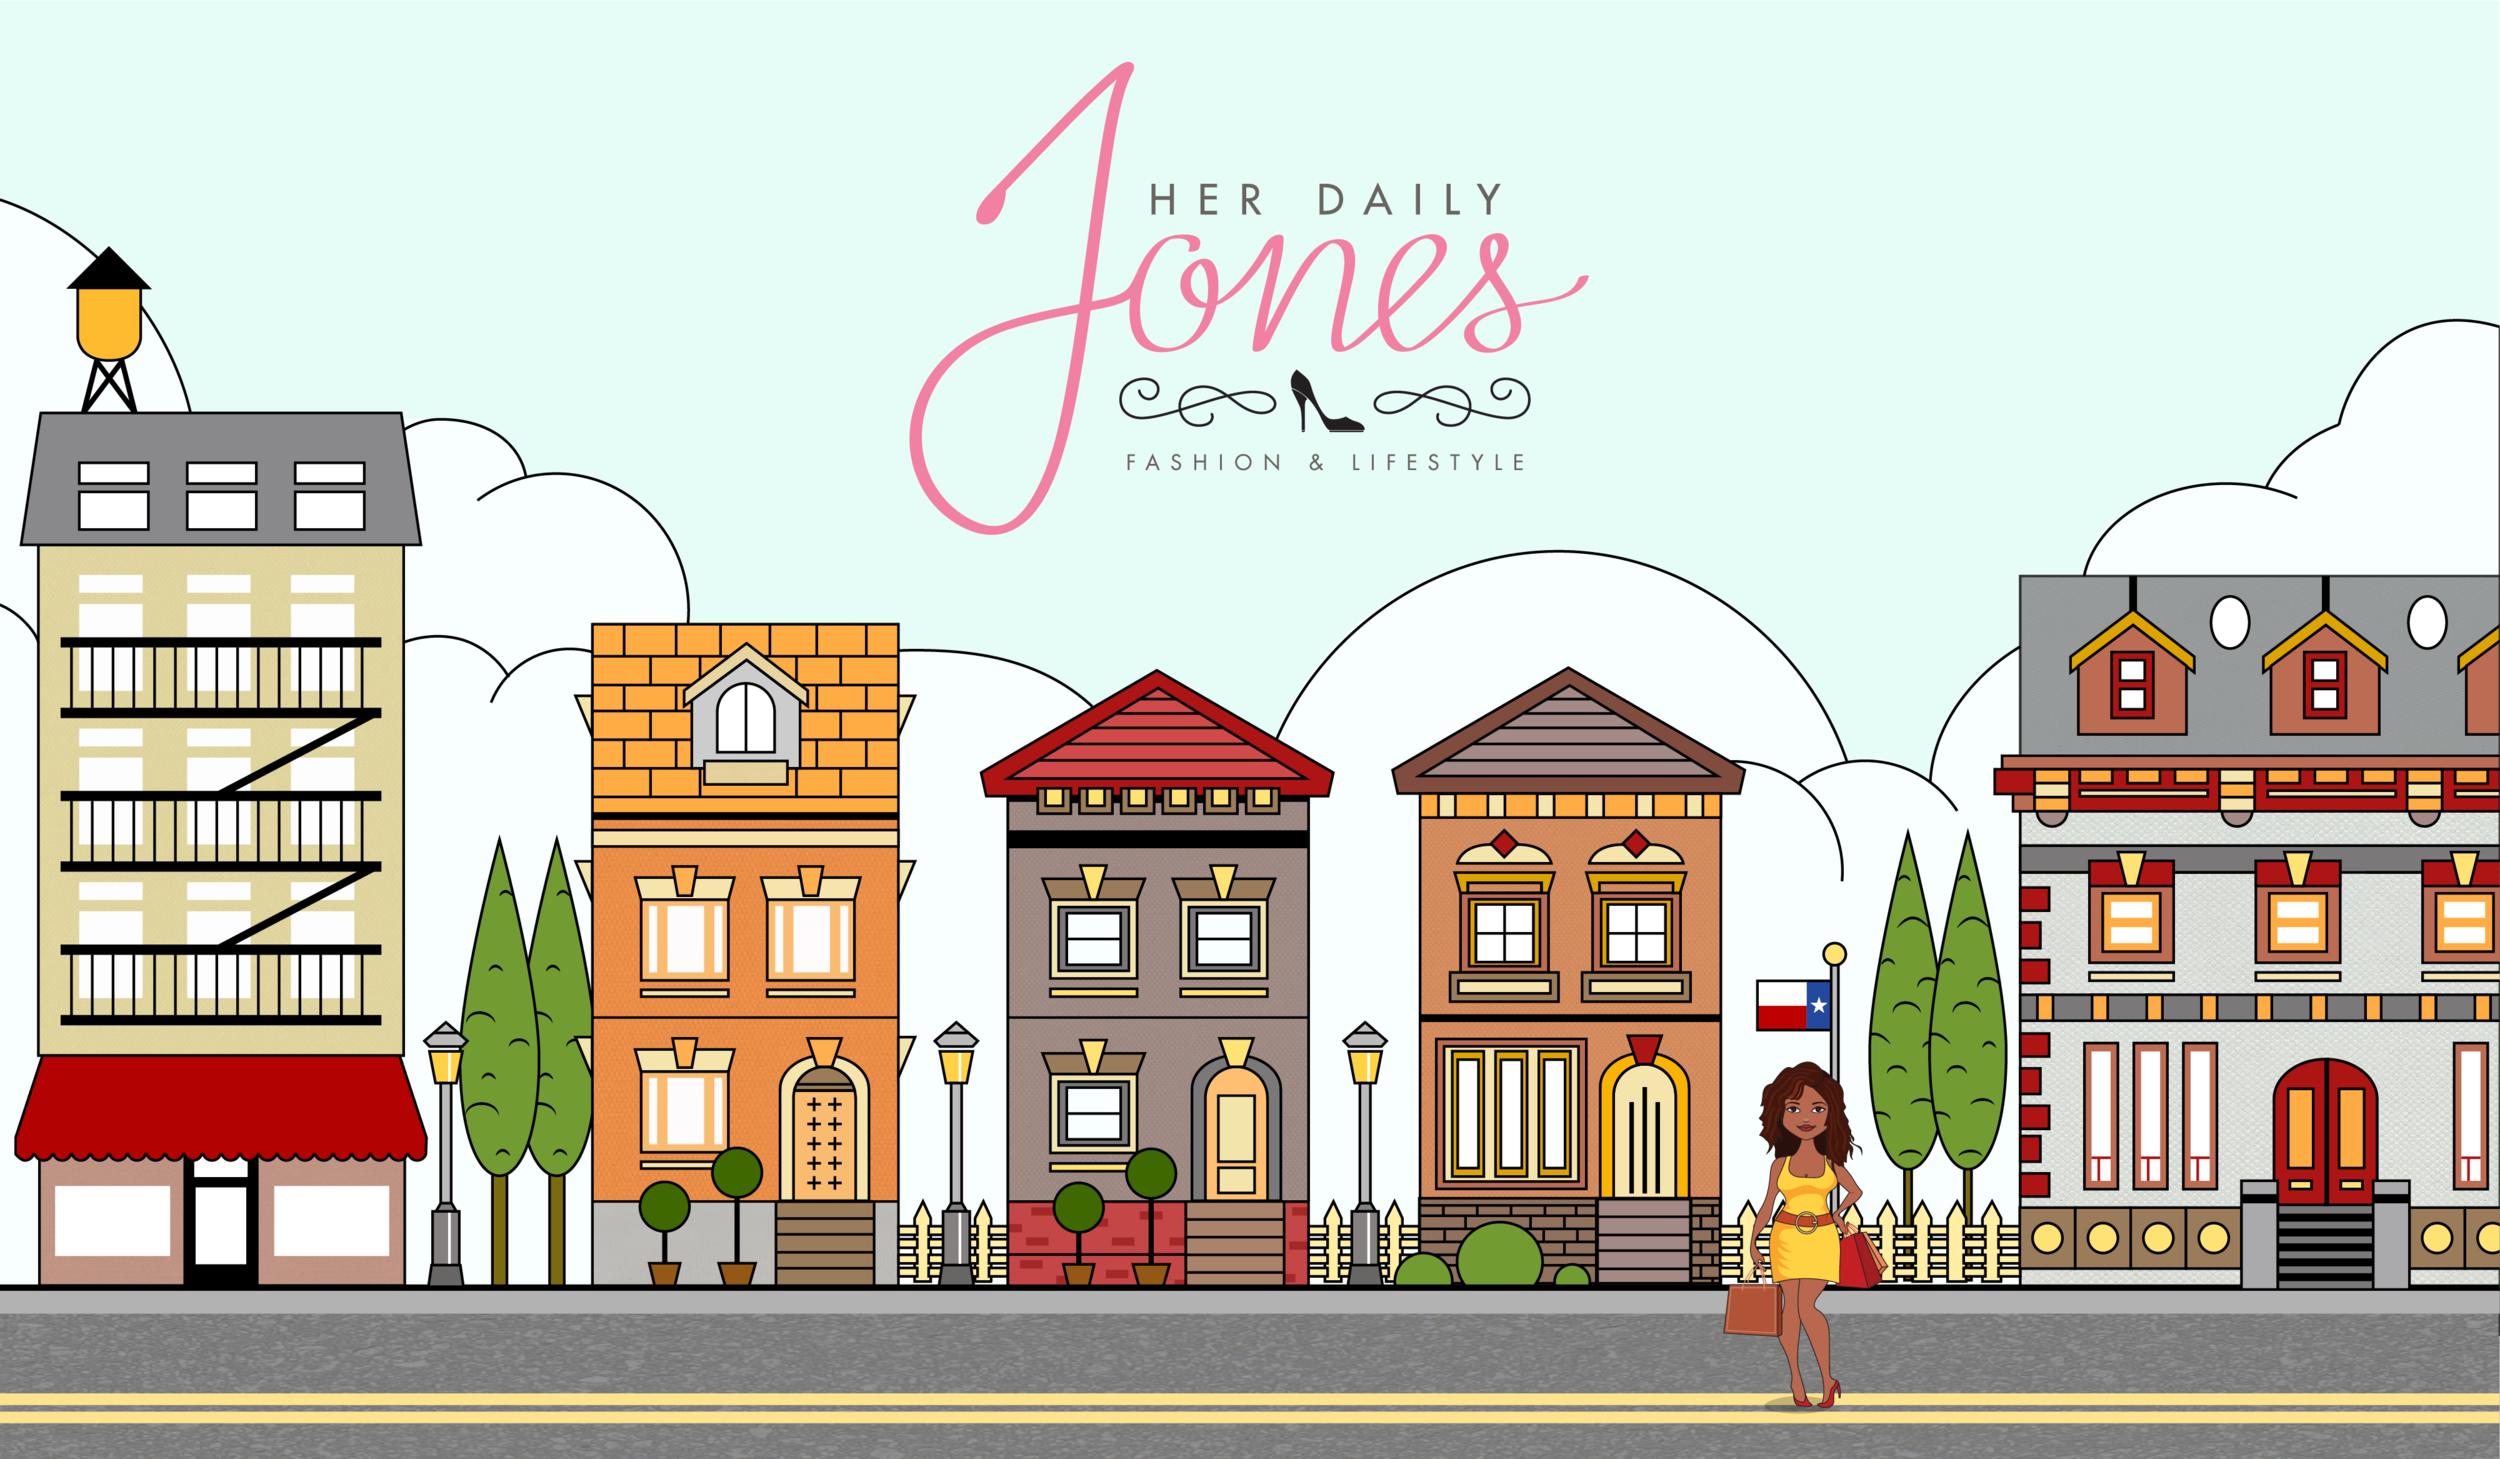 Her Daily Jones